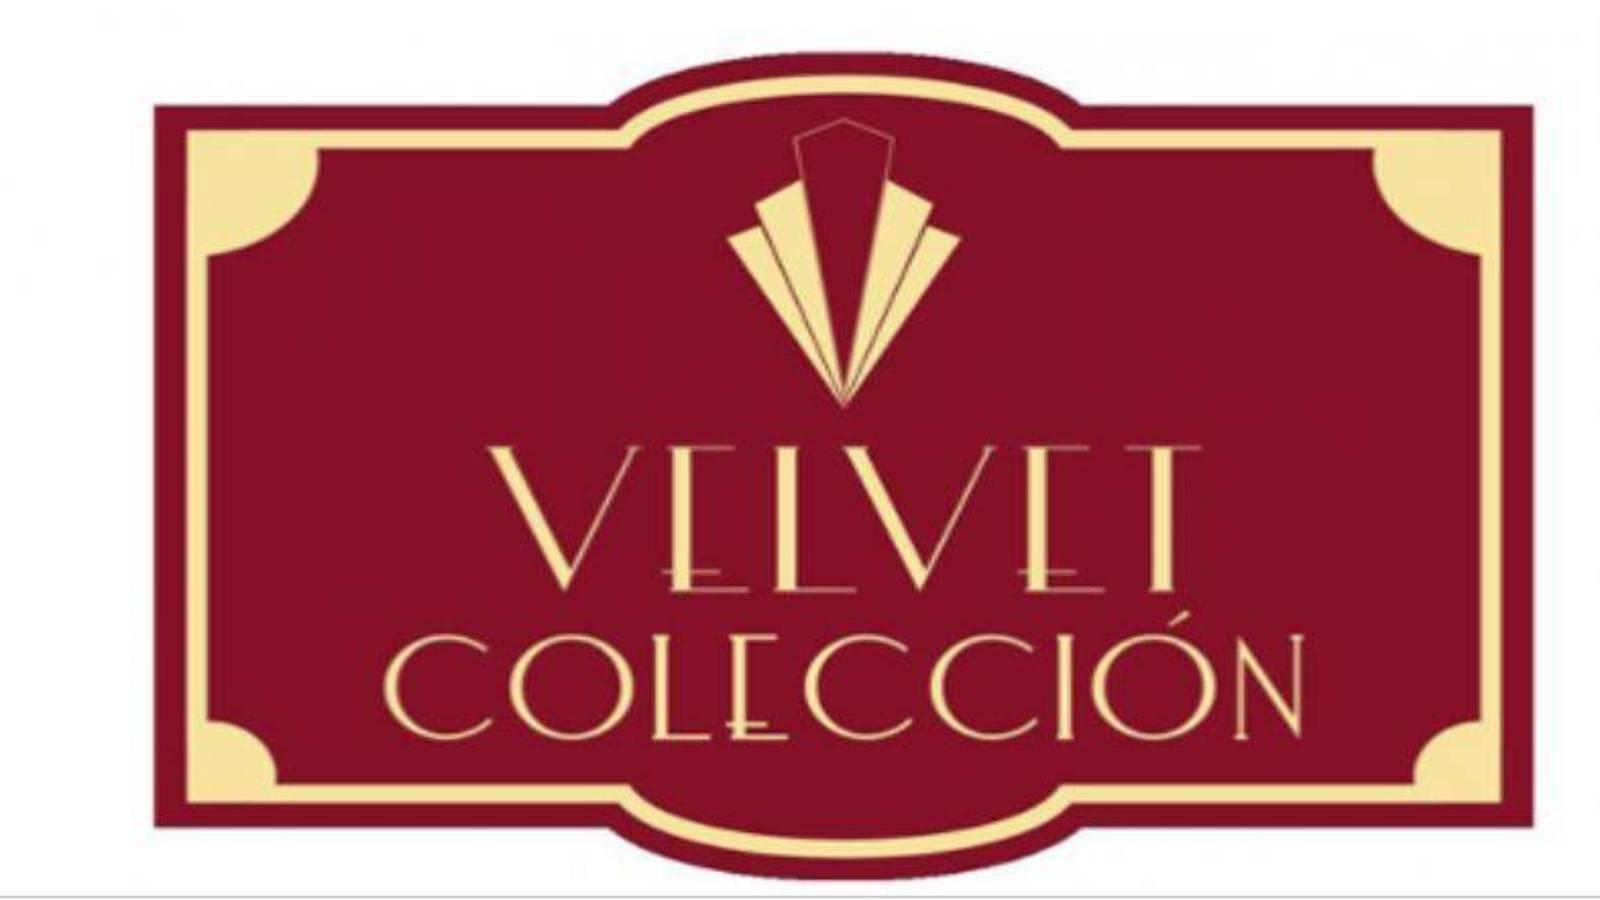 Replica 'Velvet Collection' seconda puntata in onda su Rai Premium